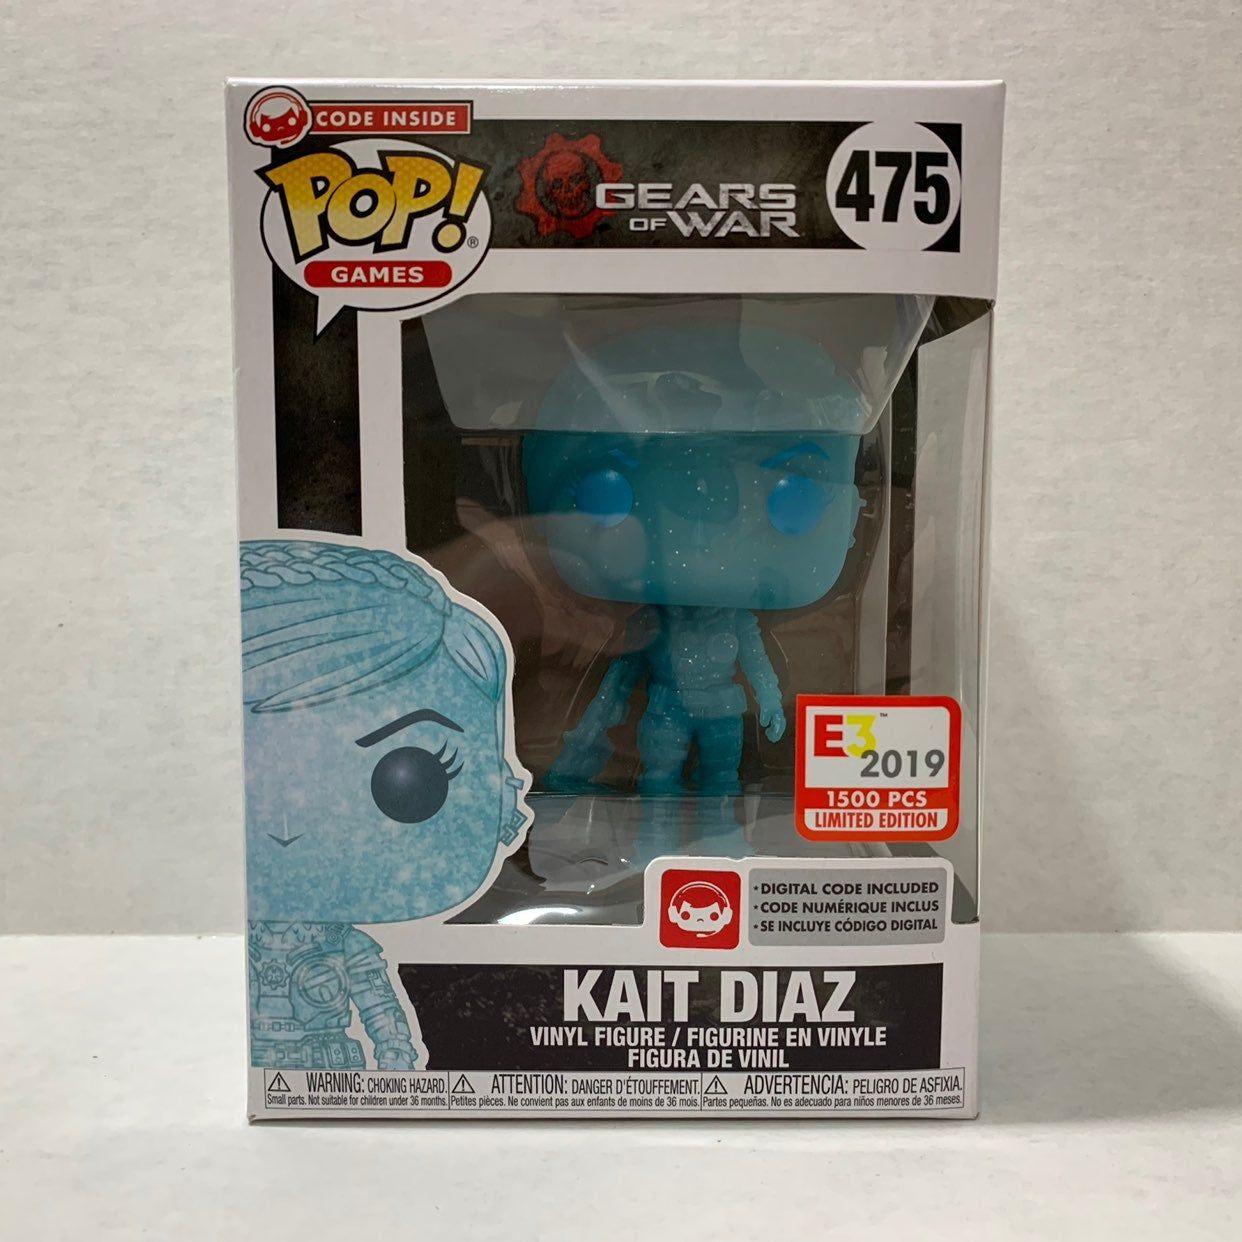 Gears of War Funko Pop Kait Diaz 475